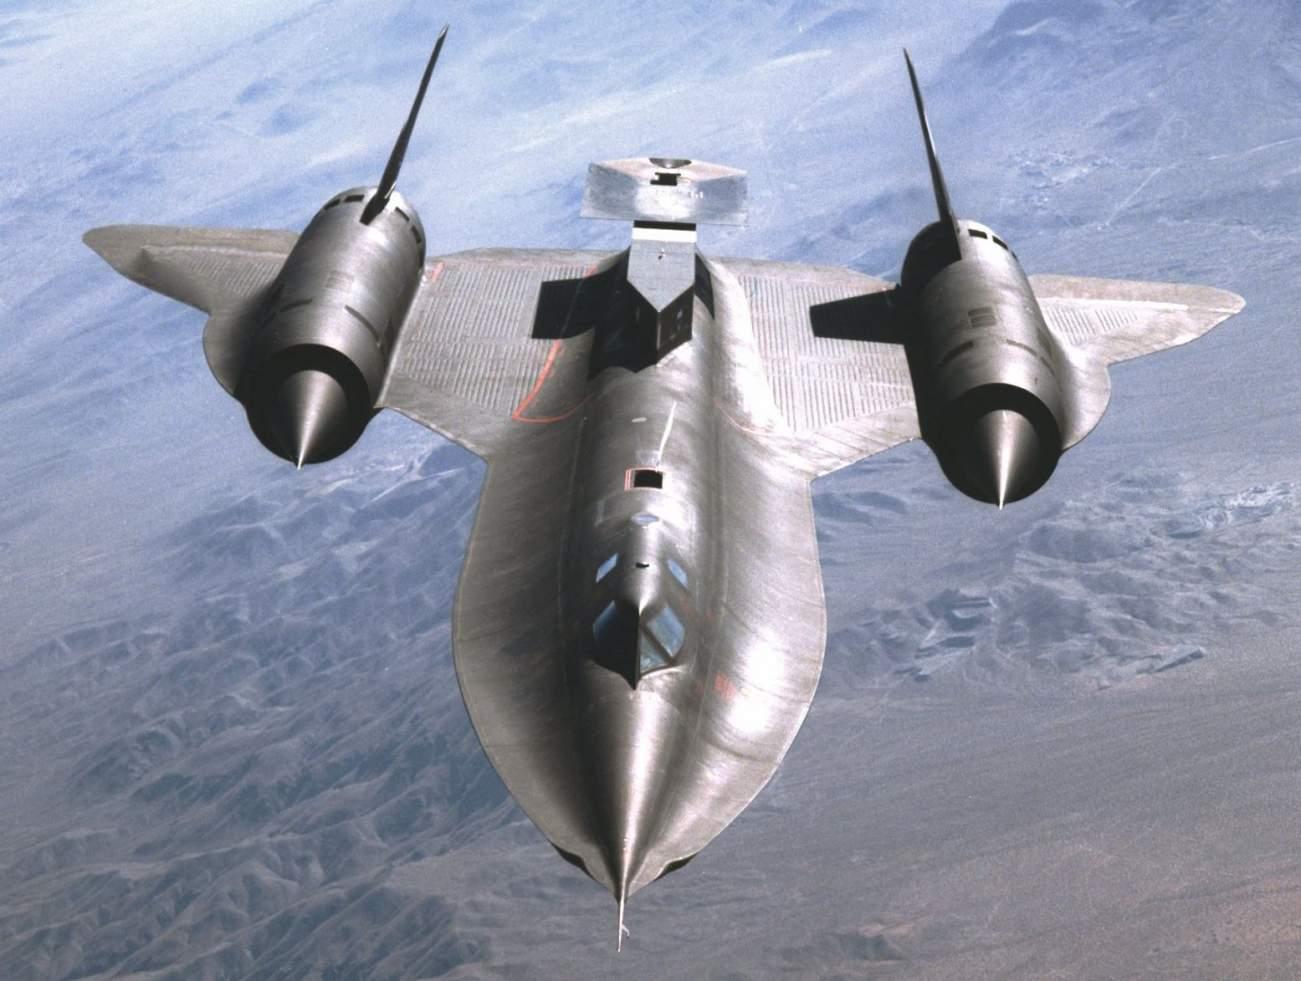 A Former Foxhound Pilot Explains How to Catch and Shootdown a SR-71 Blackbird Spy Plane